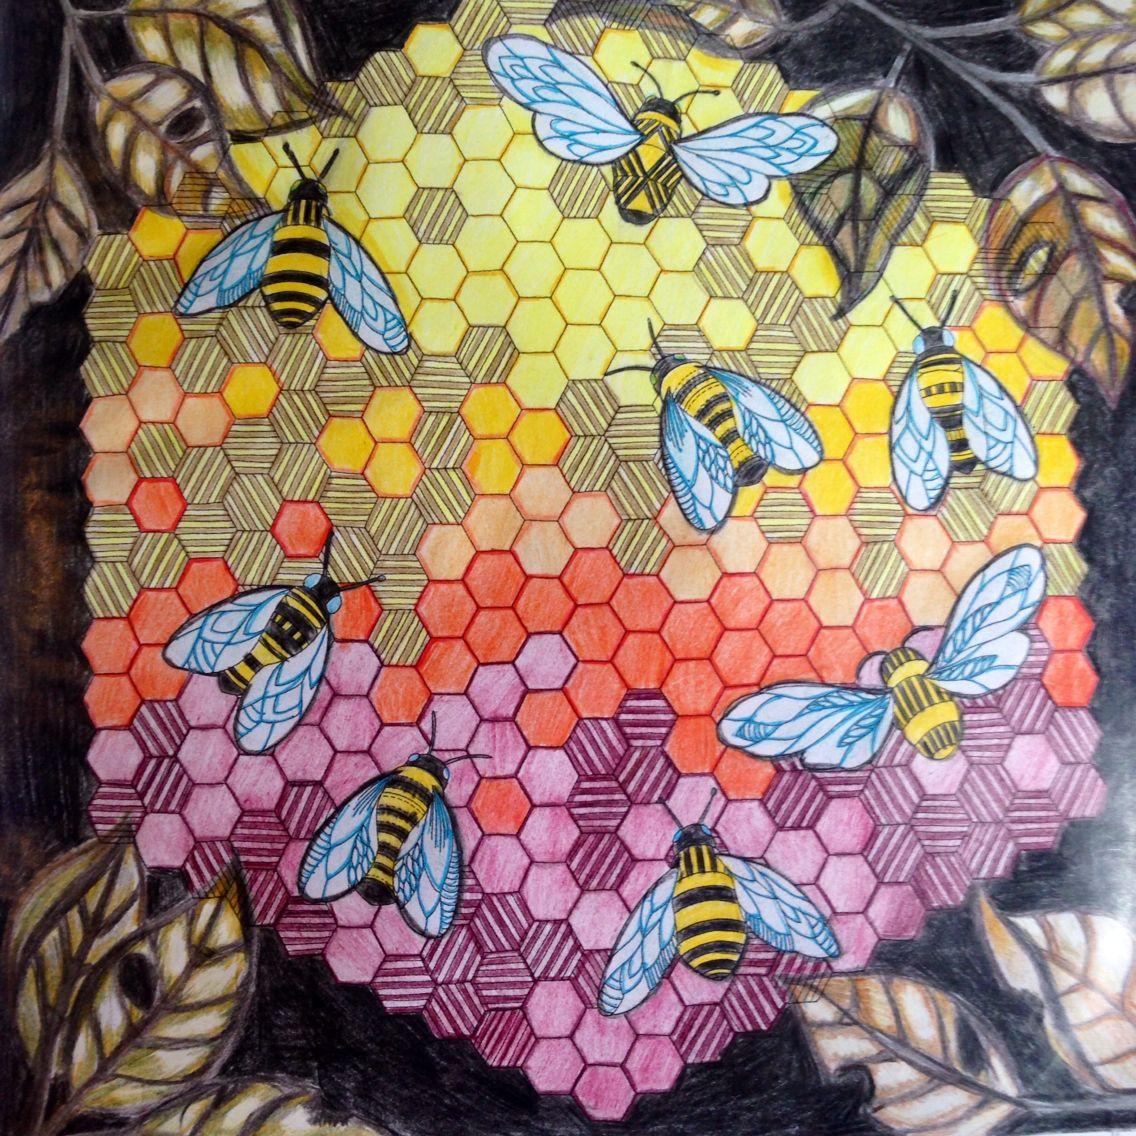 Bees Animal Kingdom Millie Marotta